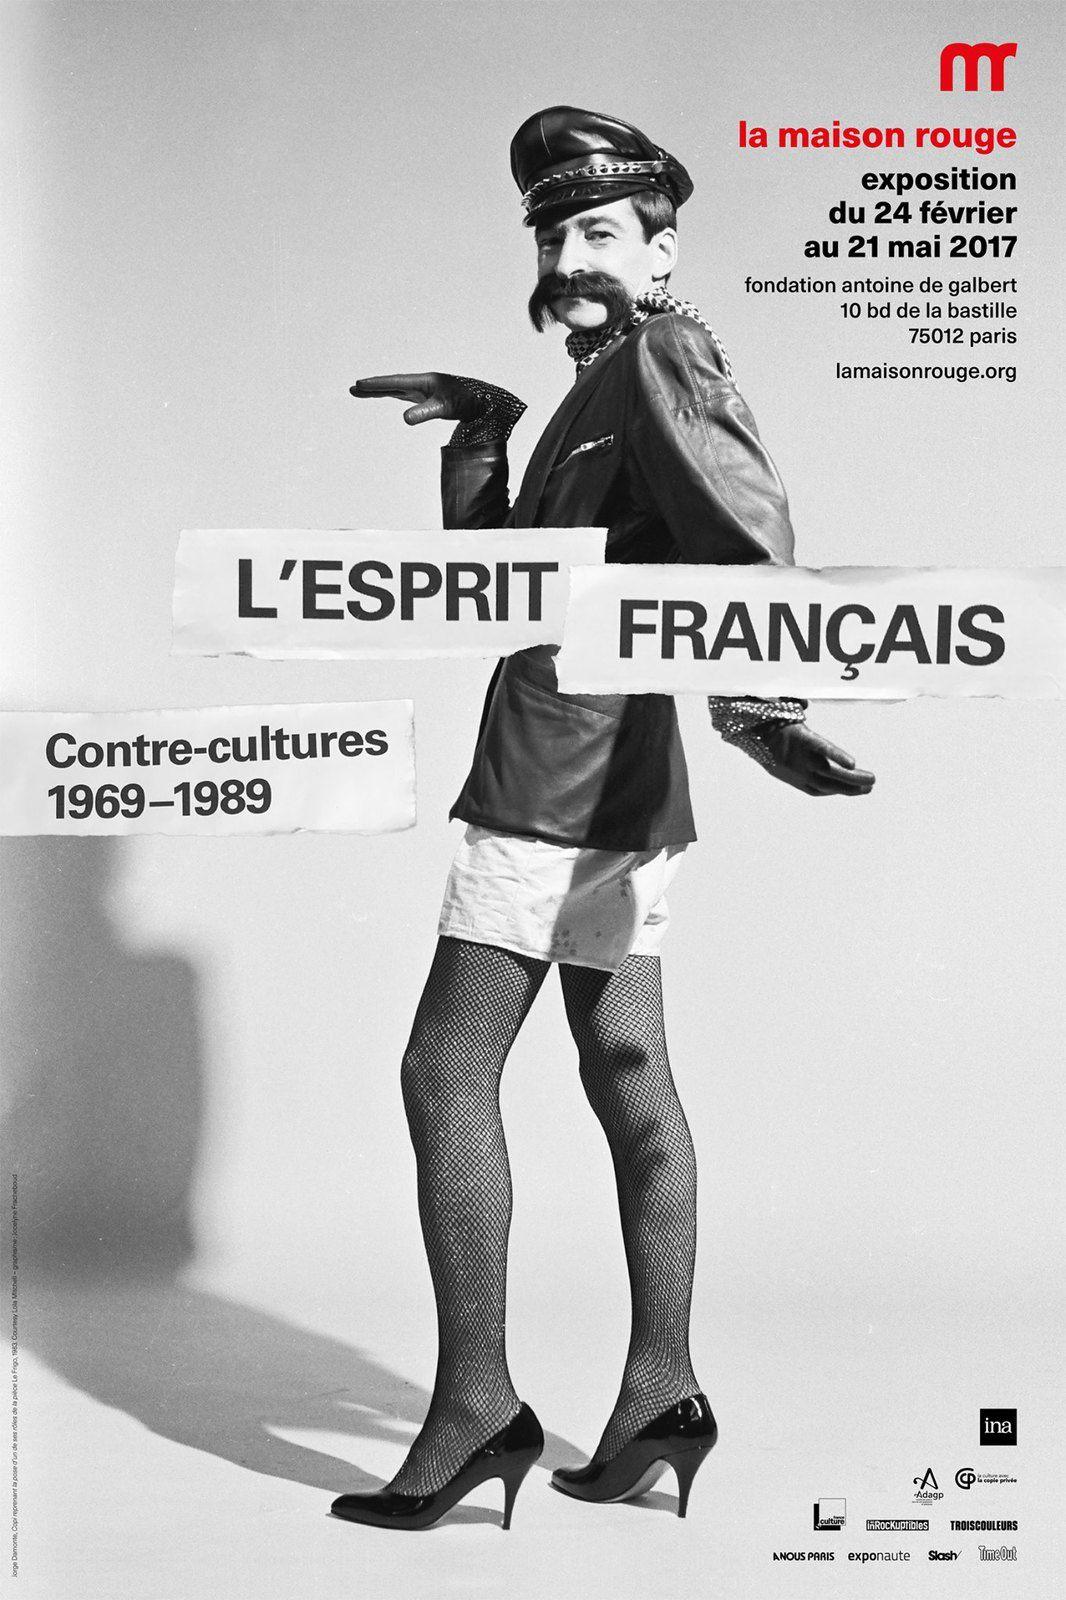 L'esprit français contre-cultures, 1969-1989